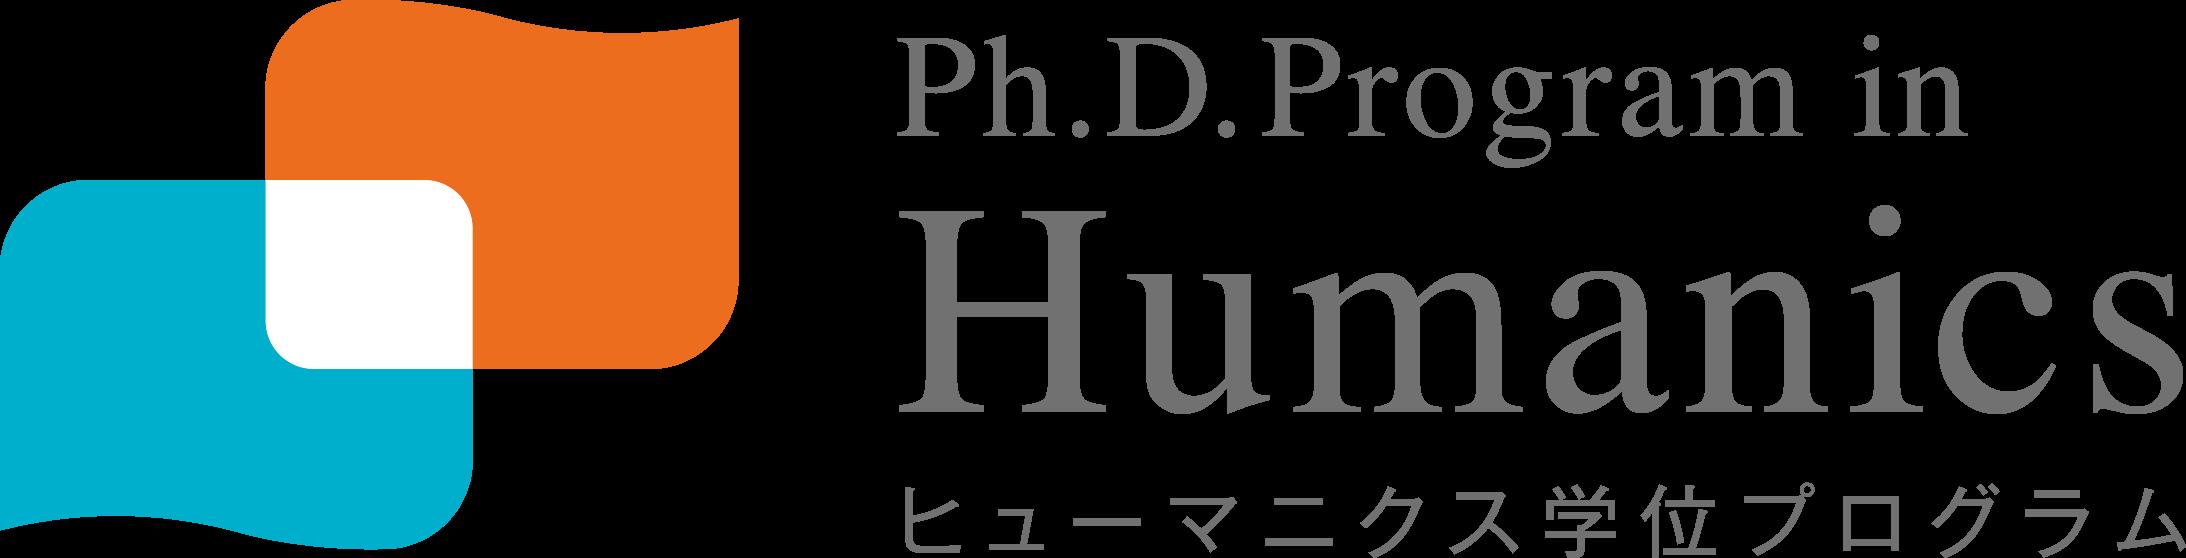 ヒューマニクス学位プログラム